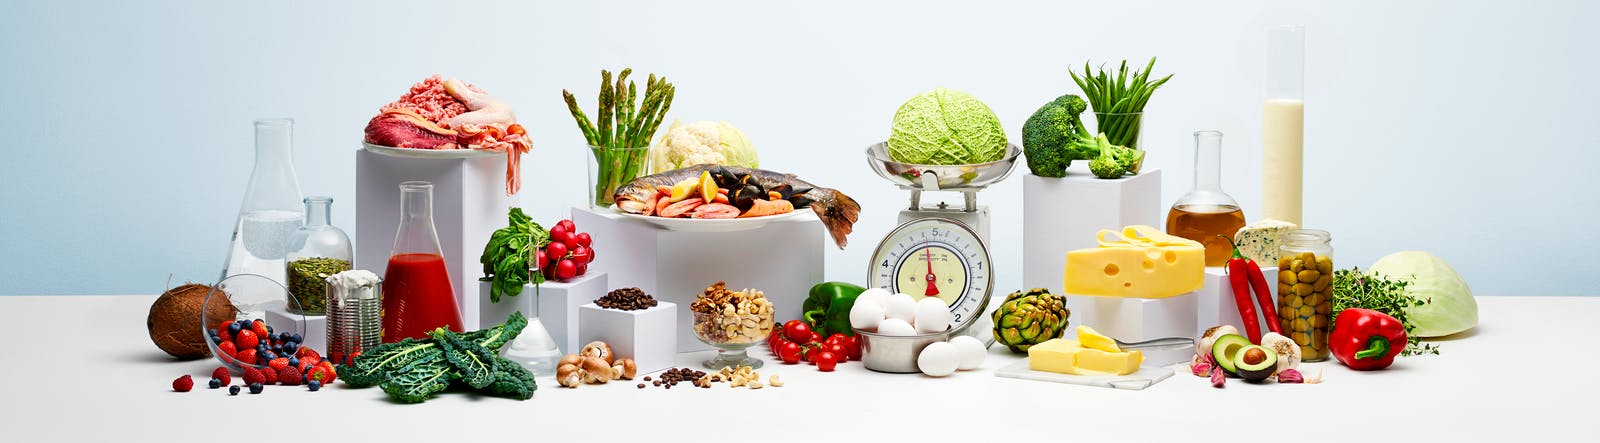 sitio oficial de keto diet